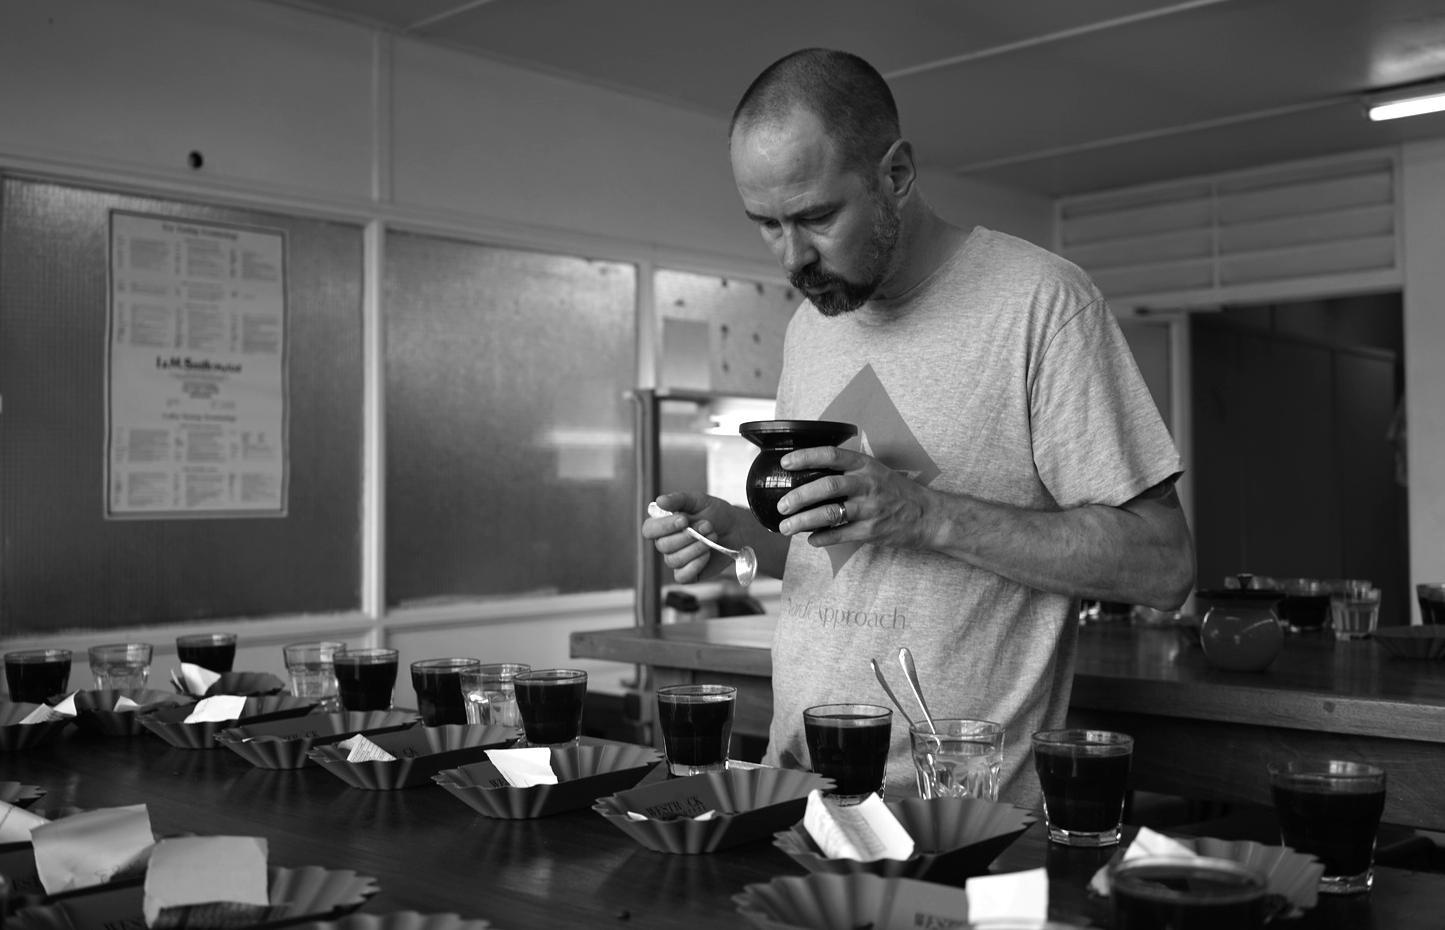 Morten cupping at RTC in Kigali, Rwanda.